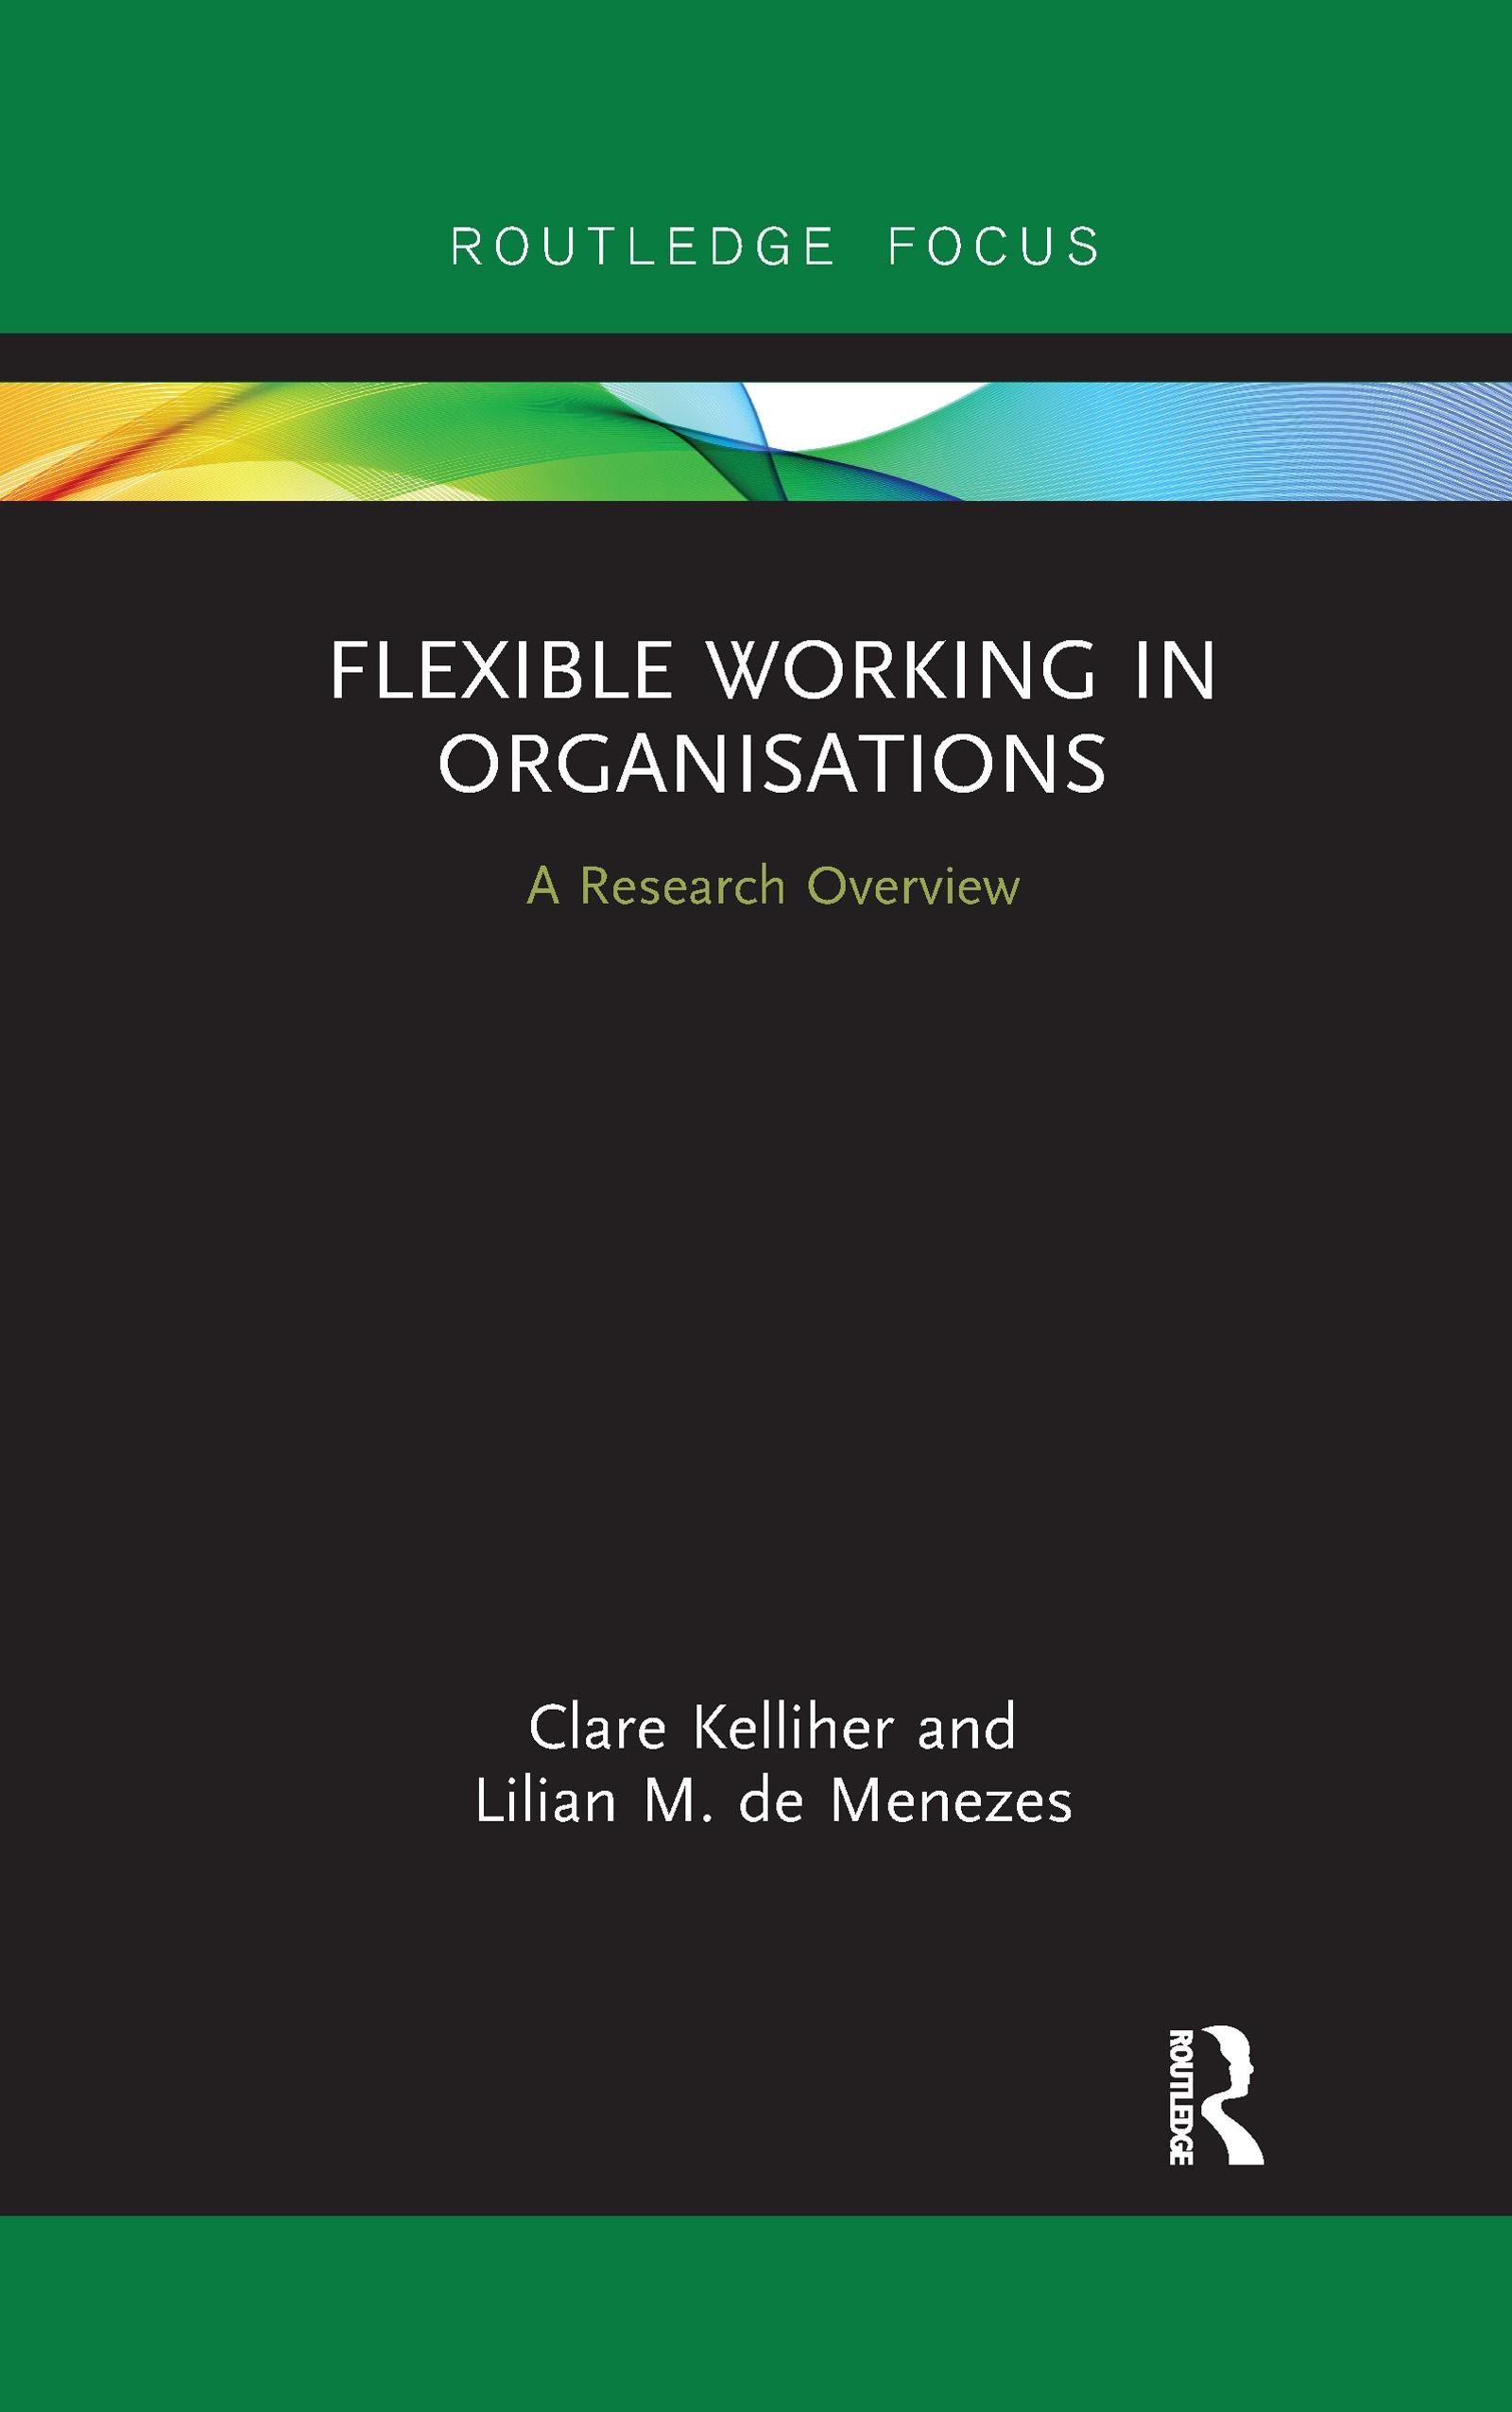 Flexible Working in Organisations